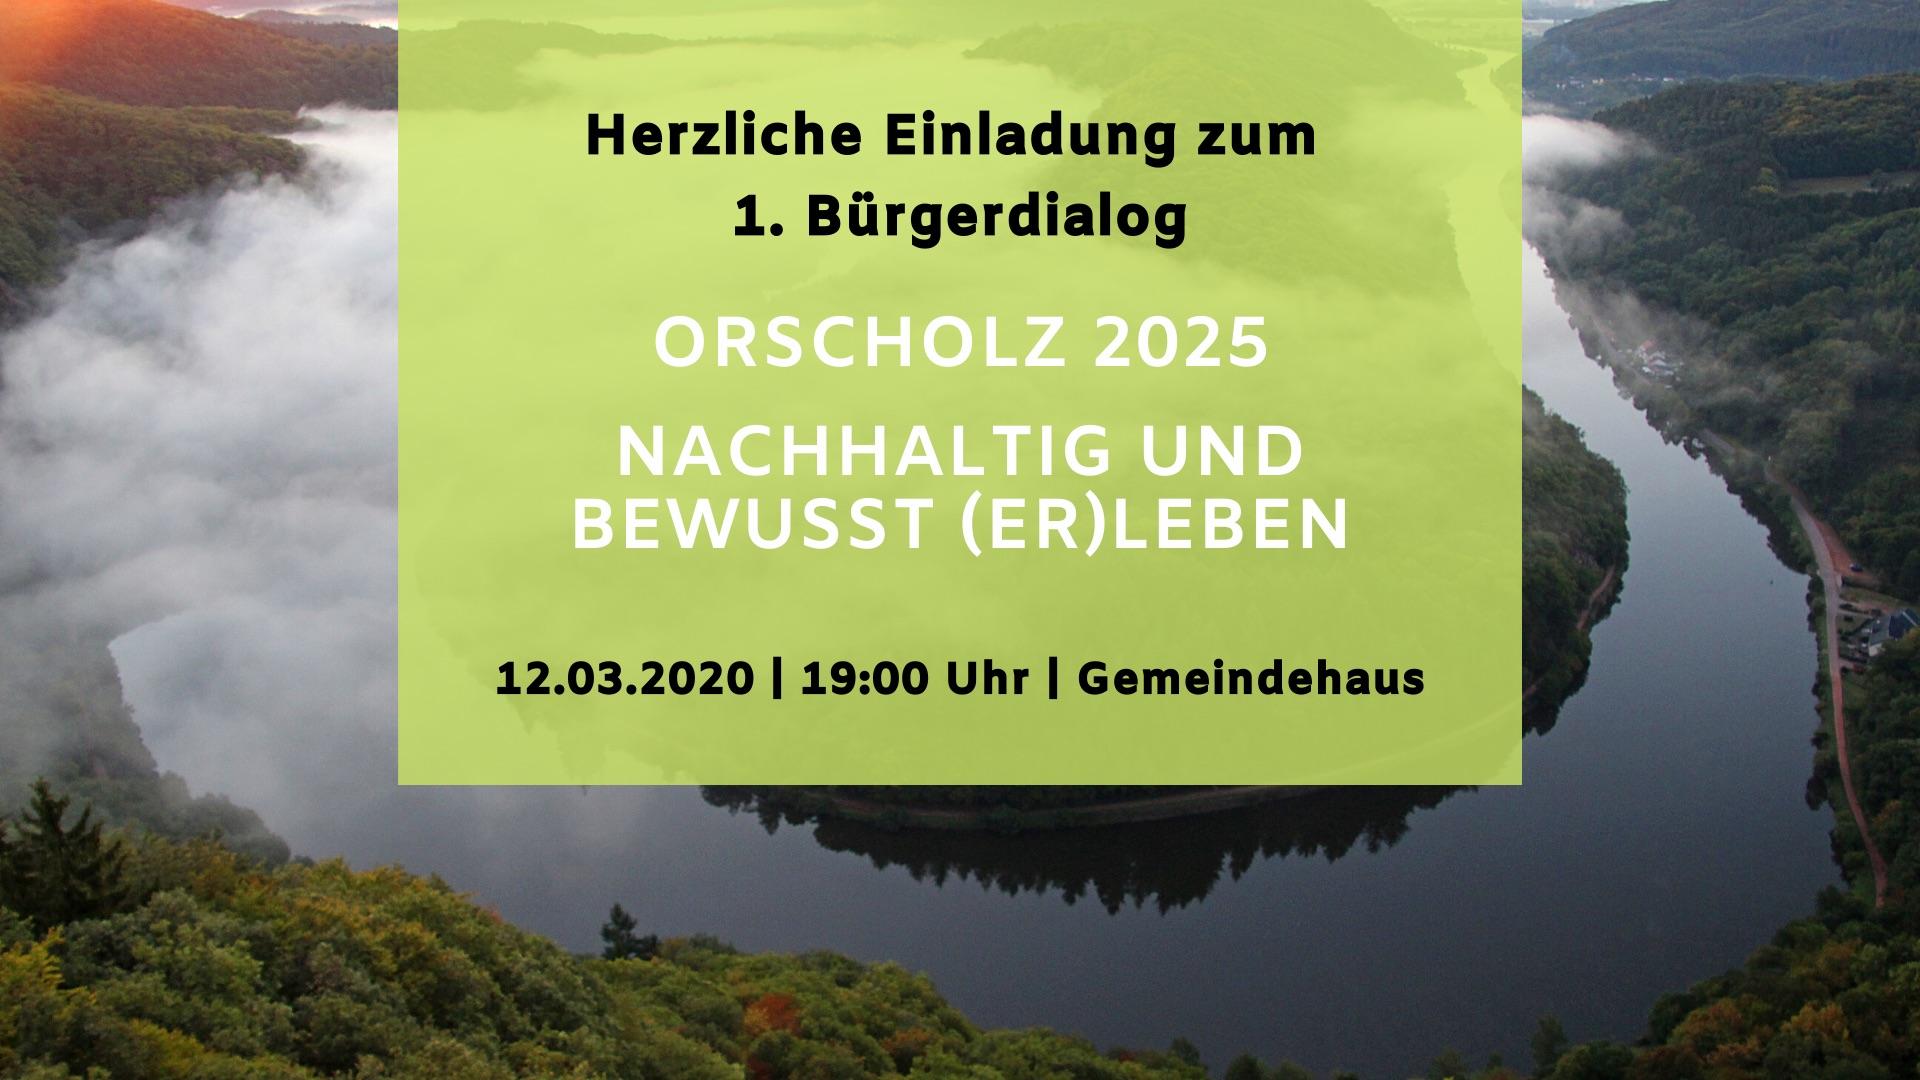 Auftakt der OrscholzAG – 1. Bürgerdialog am 12.03. im Gemeindehaus